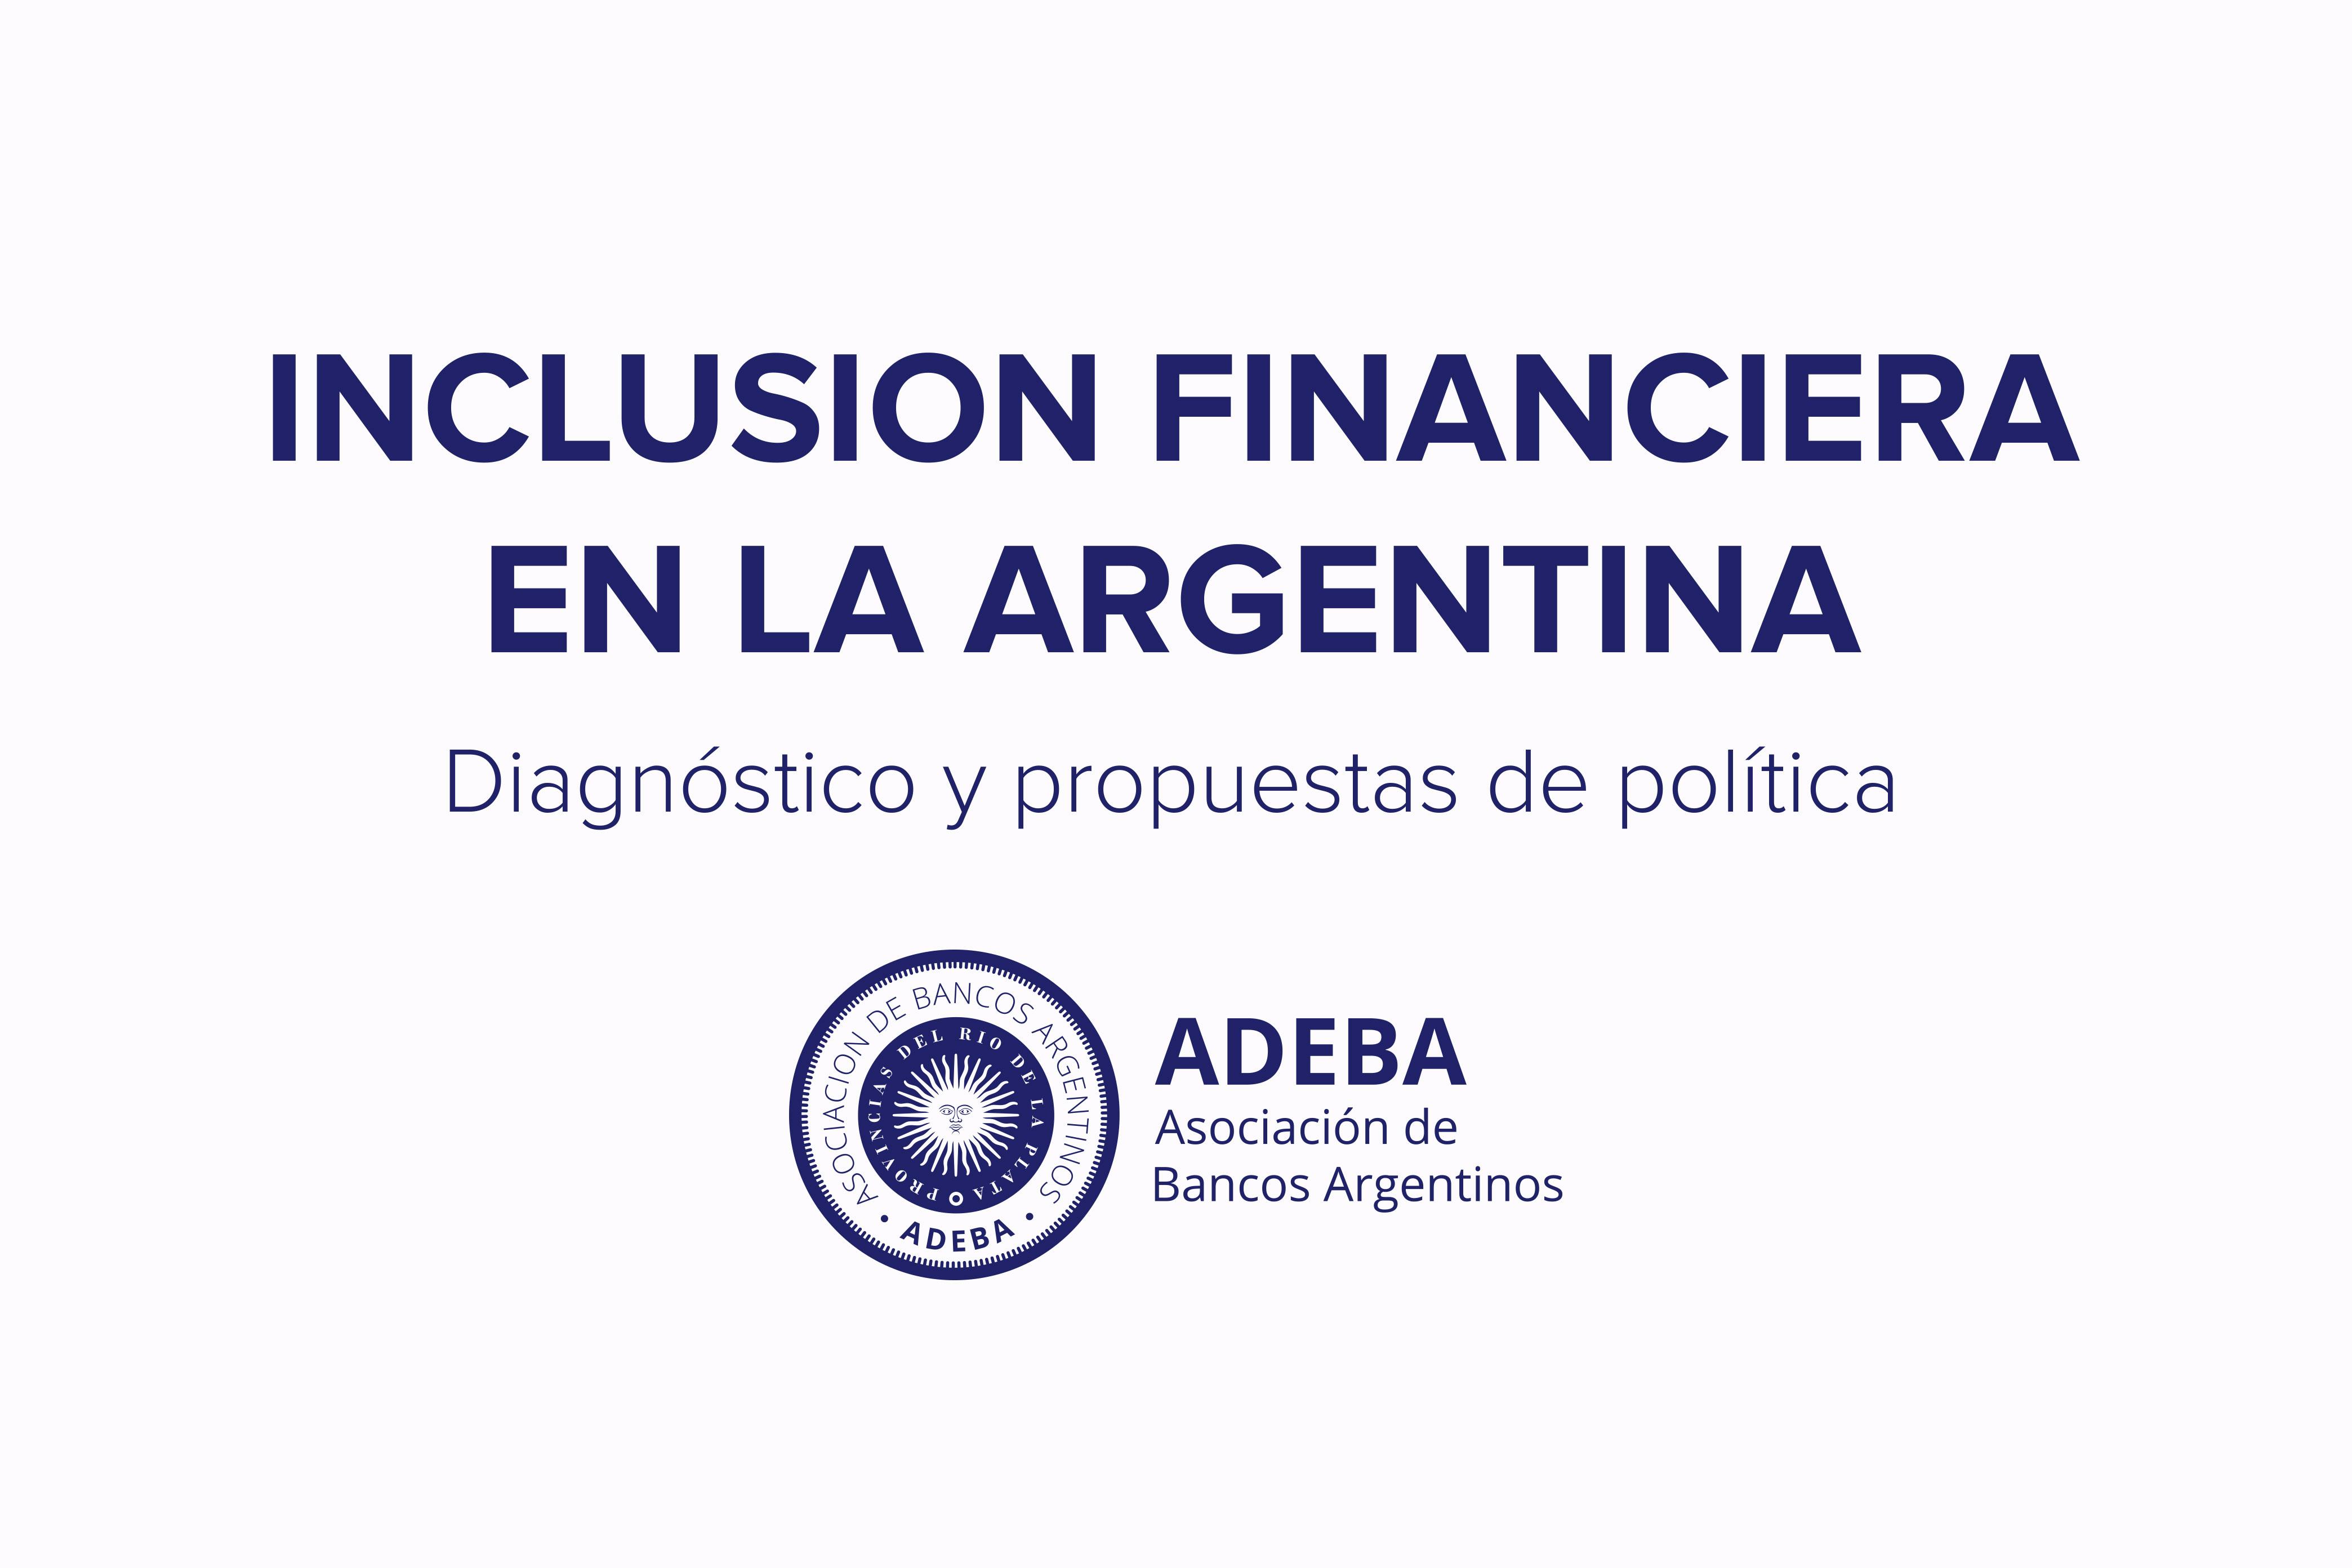 Iniciativa ADEBA para la bancarización e inclusión financiera